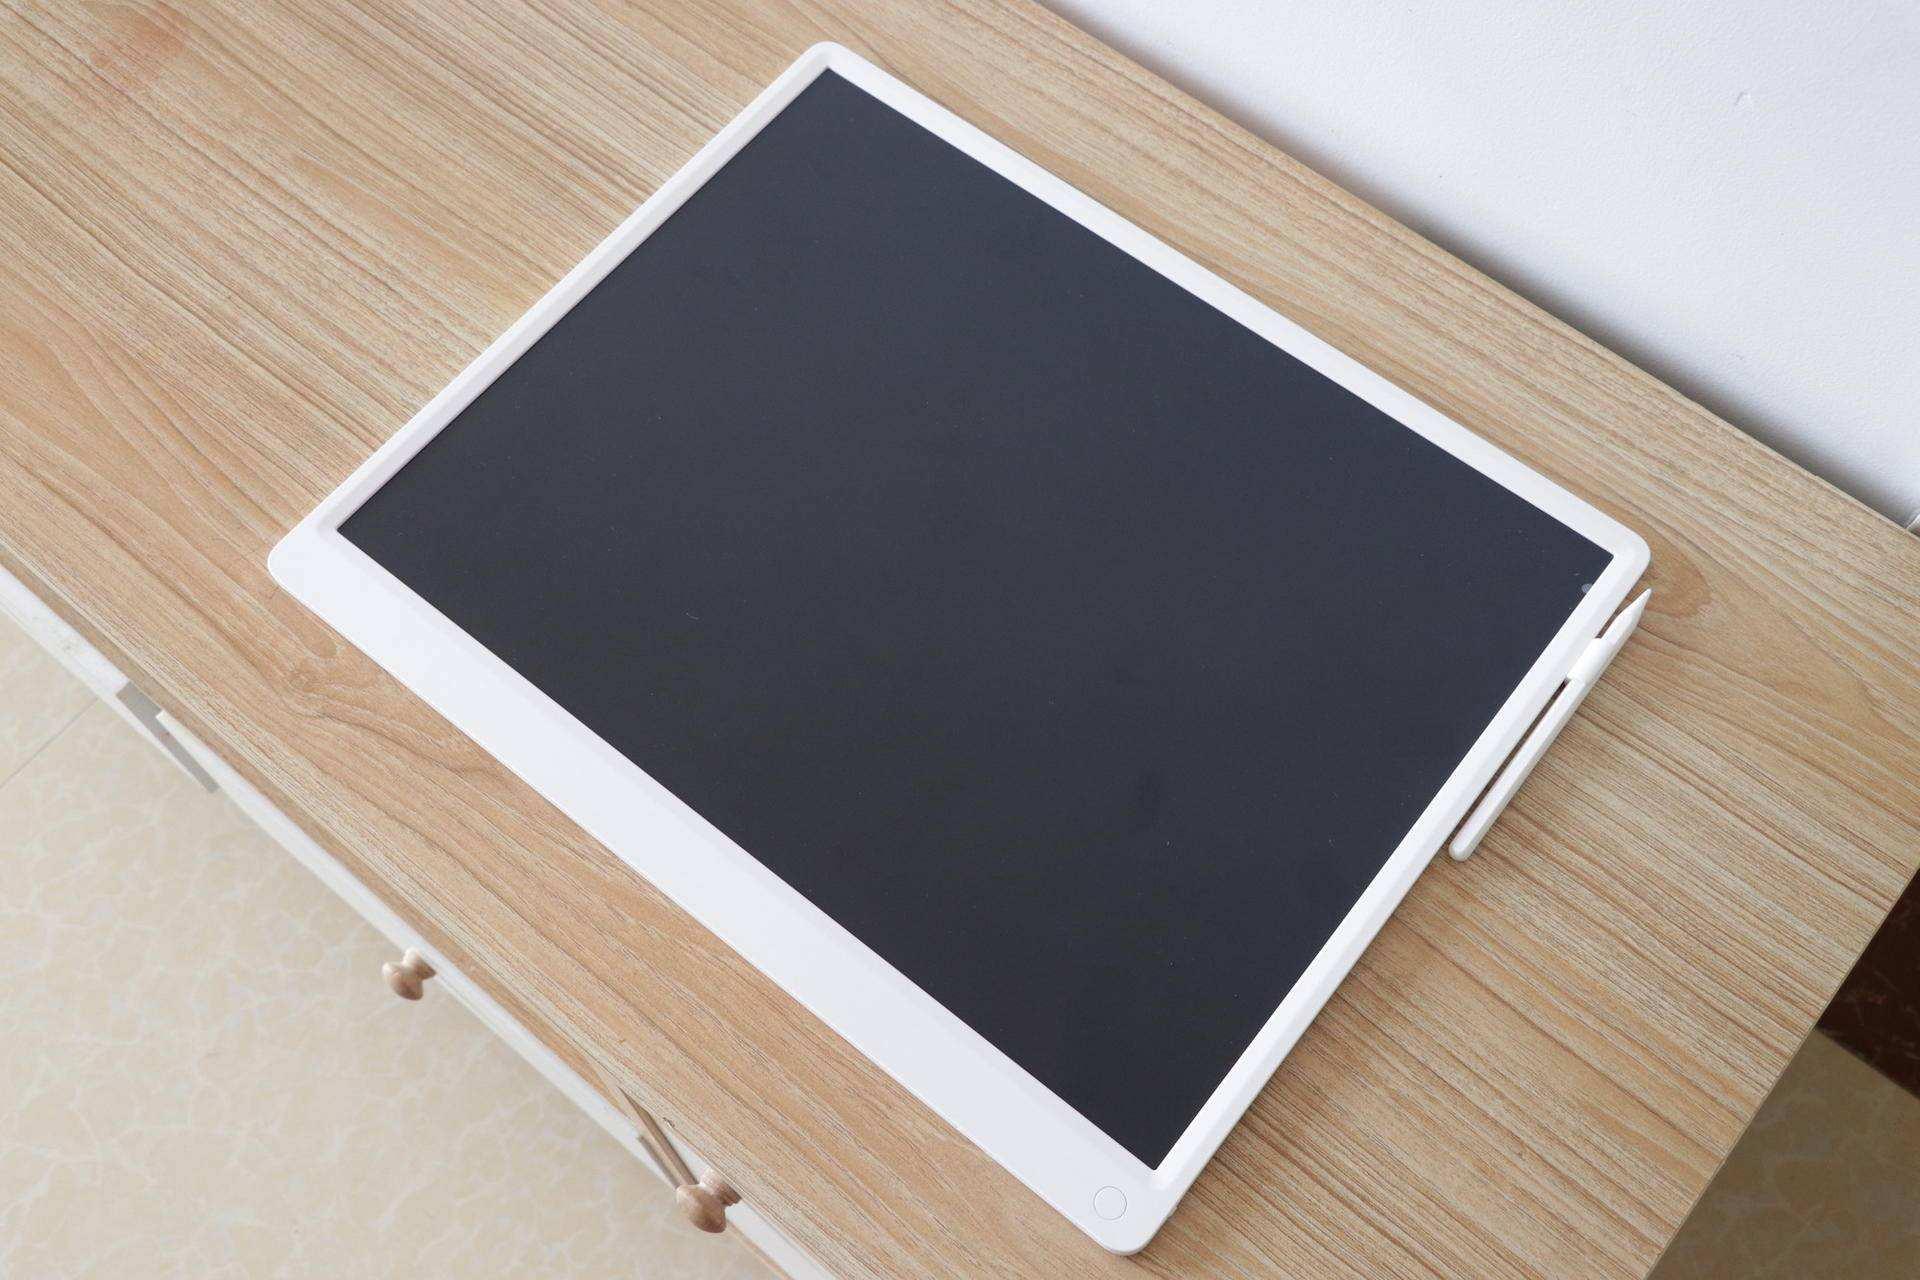 小米米家液晶小黑板20英寸,入